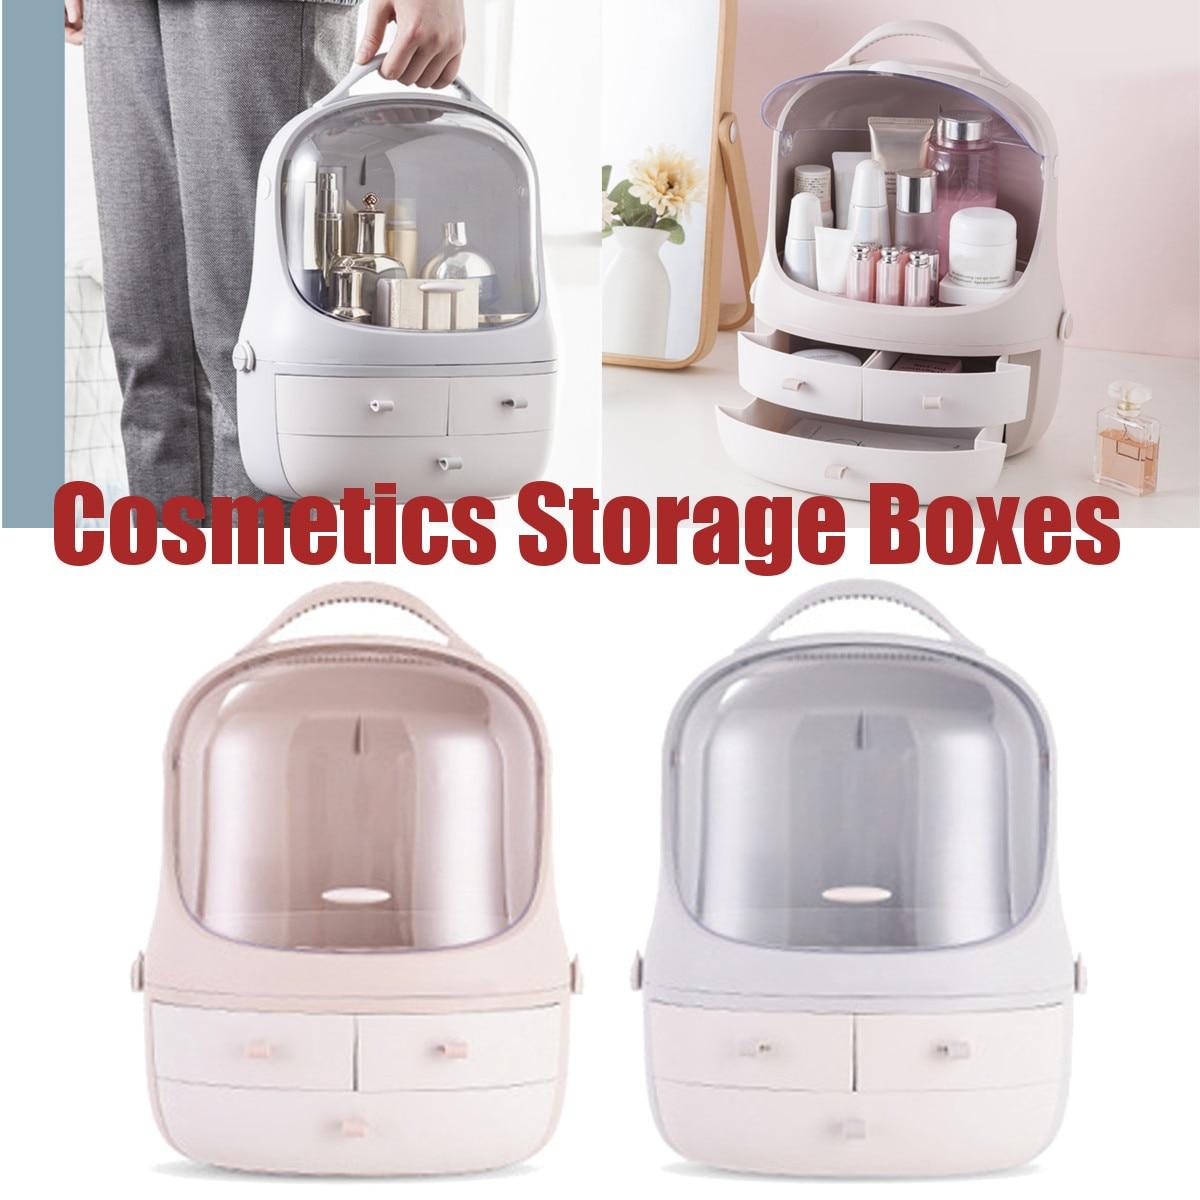 Plastique cosmétique tiroir maquillage organisateur maquillage boîte de rangement conteneur porte-ongles bureau divers salle de bains mallette de rangement